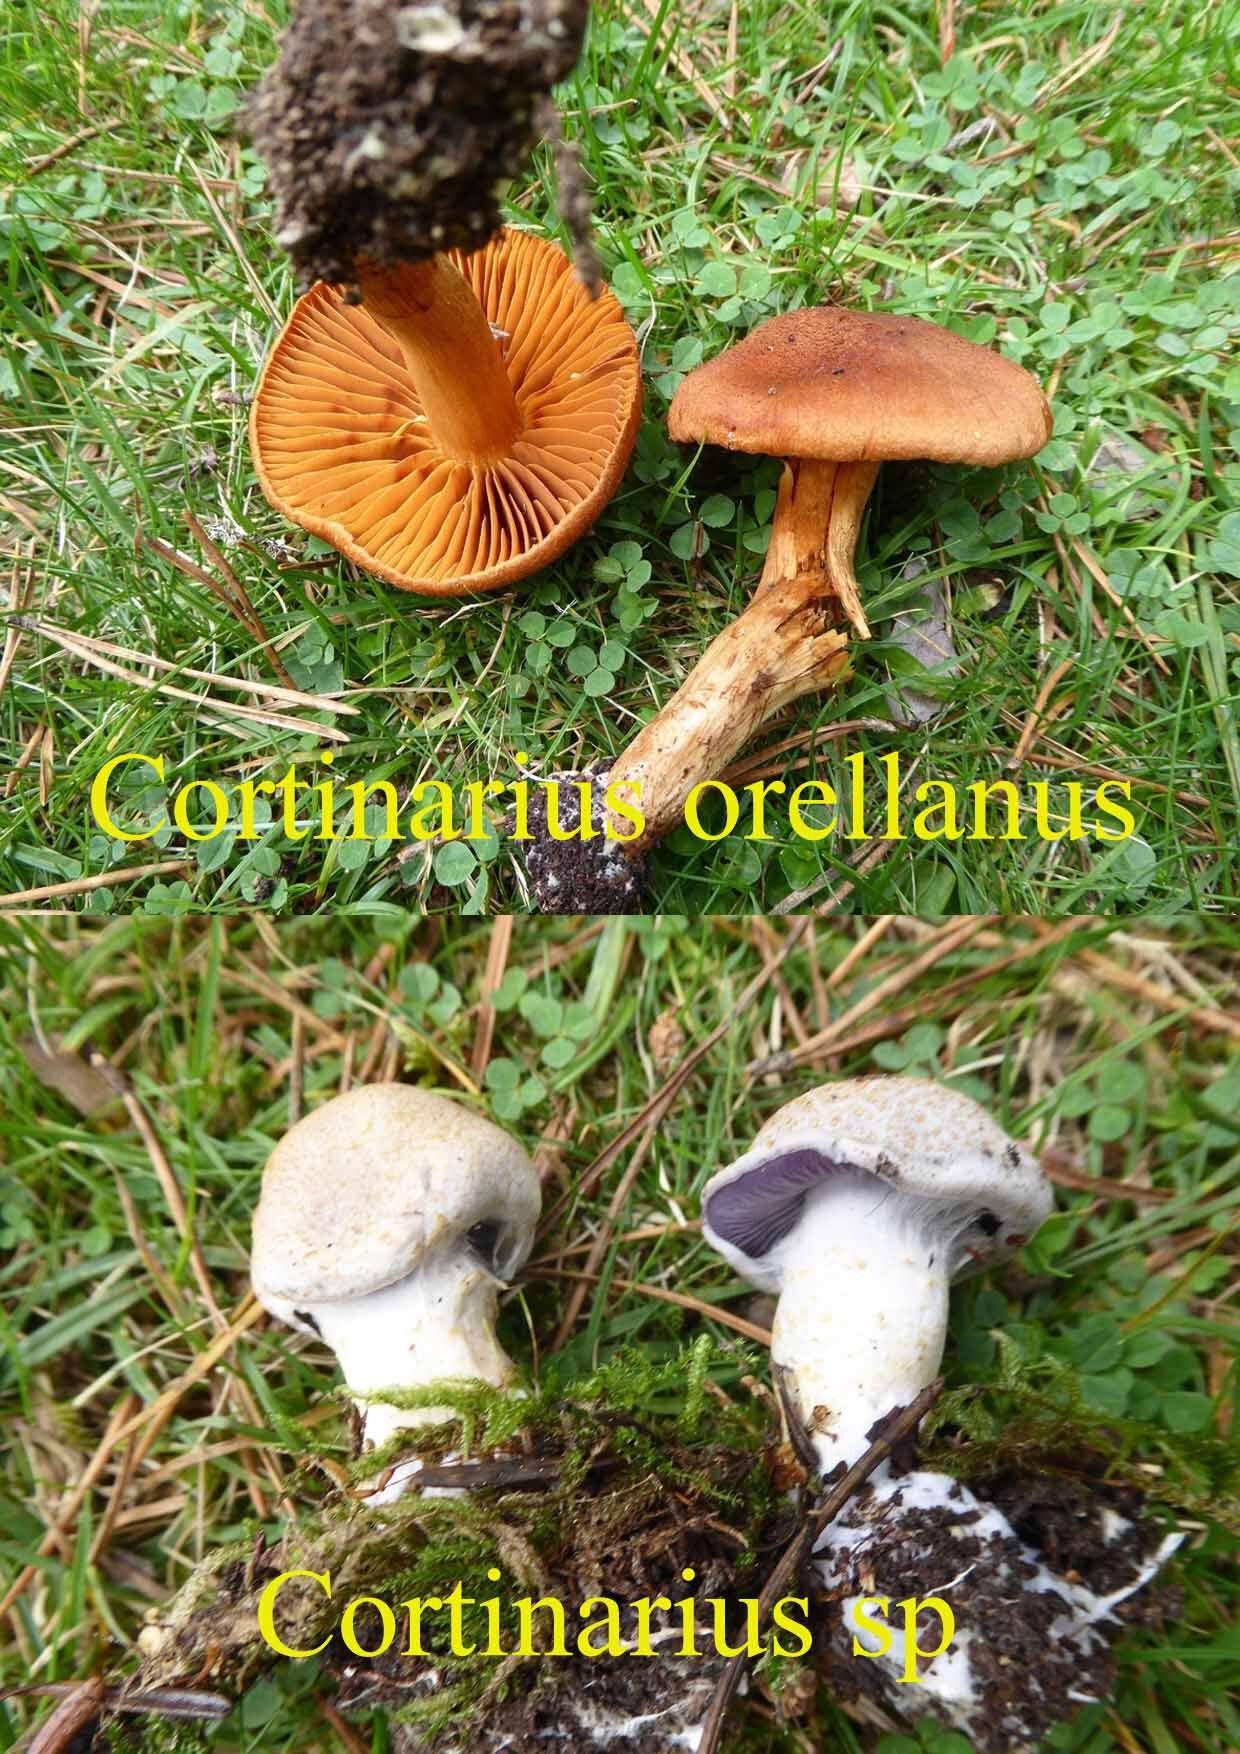 Orellanus + sp